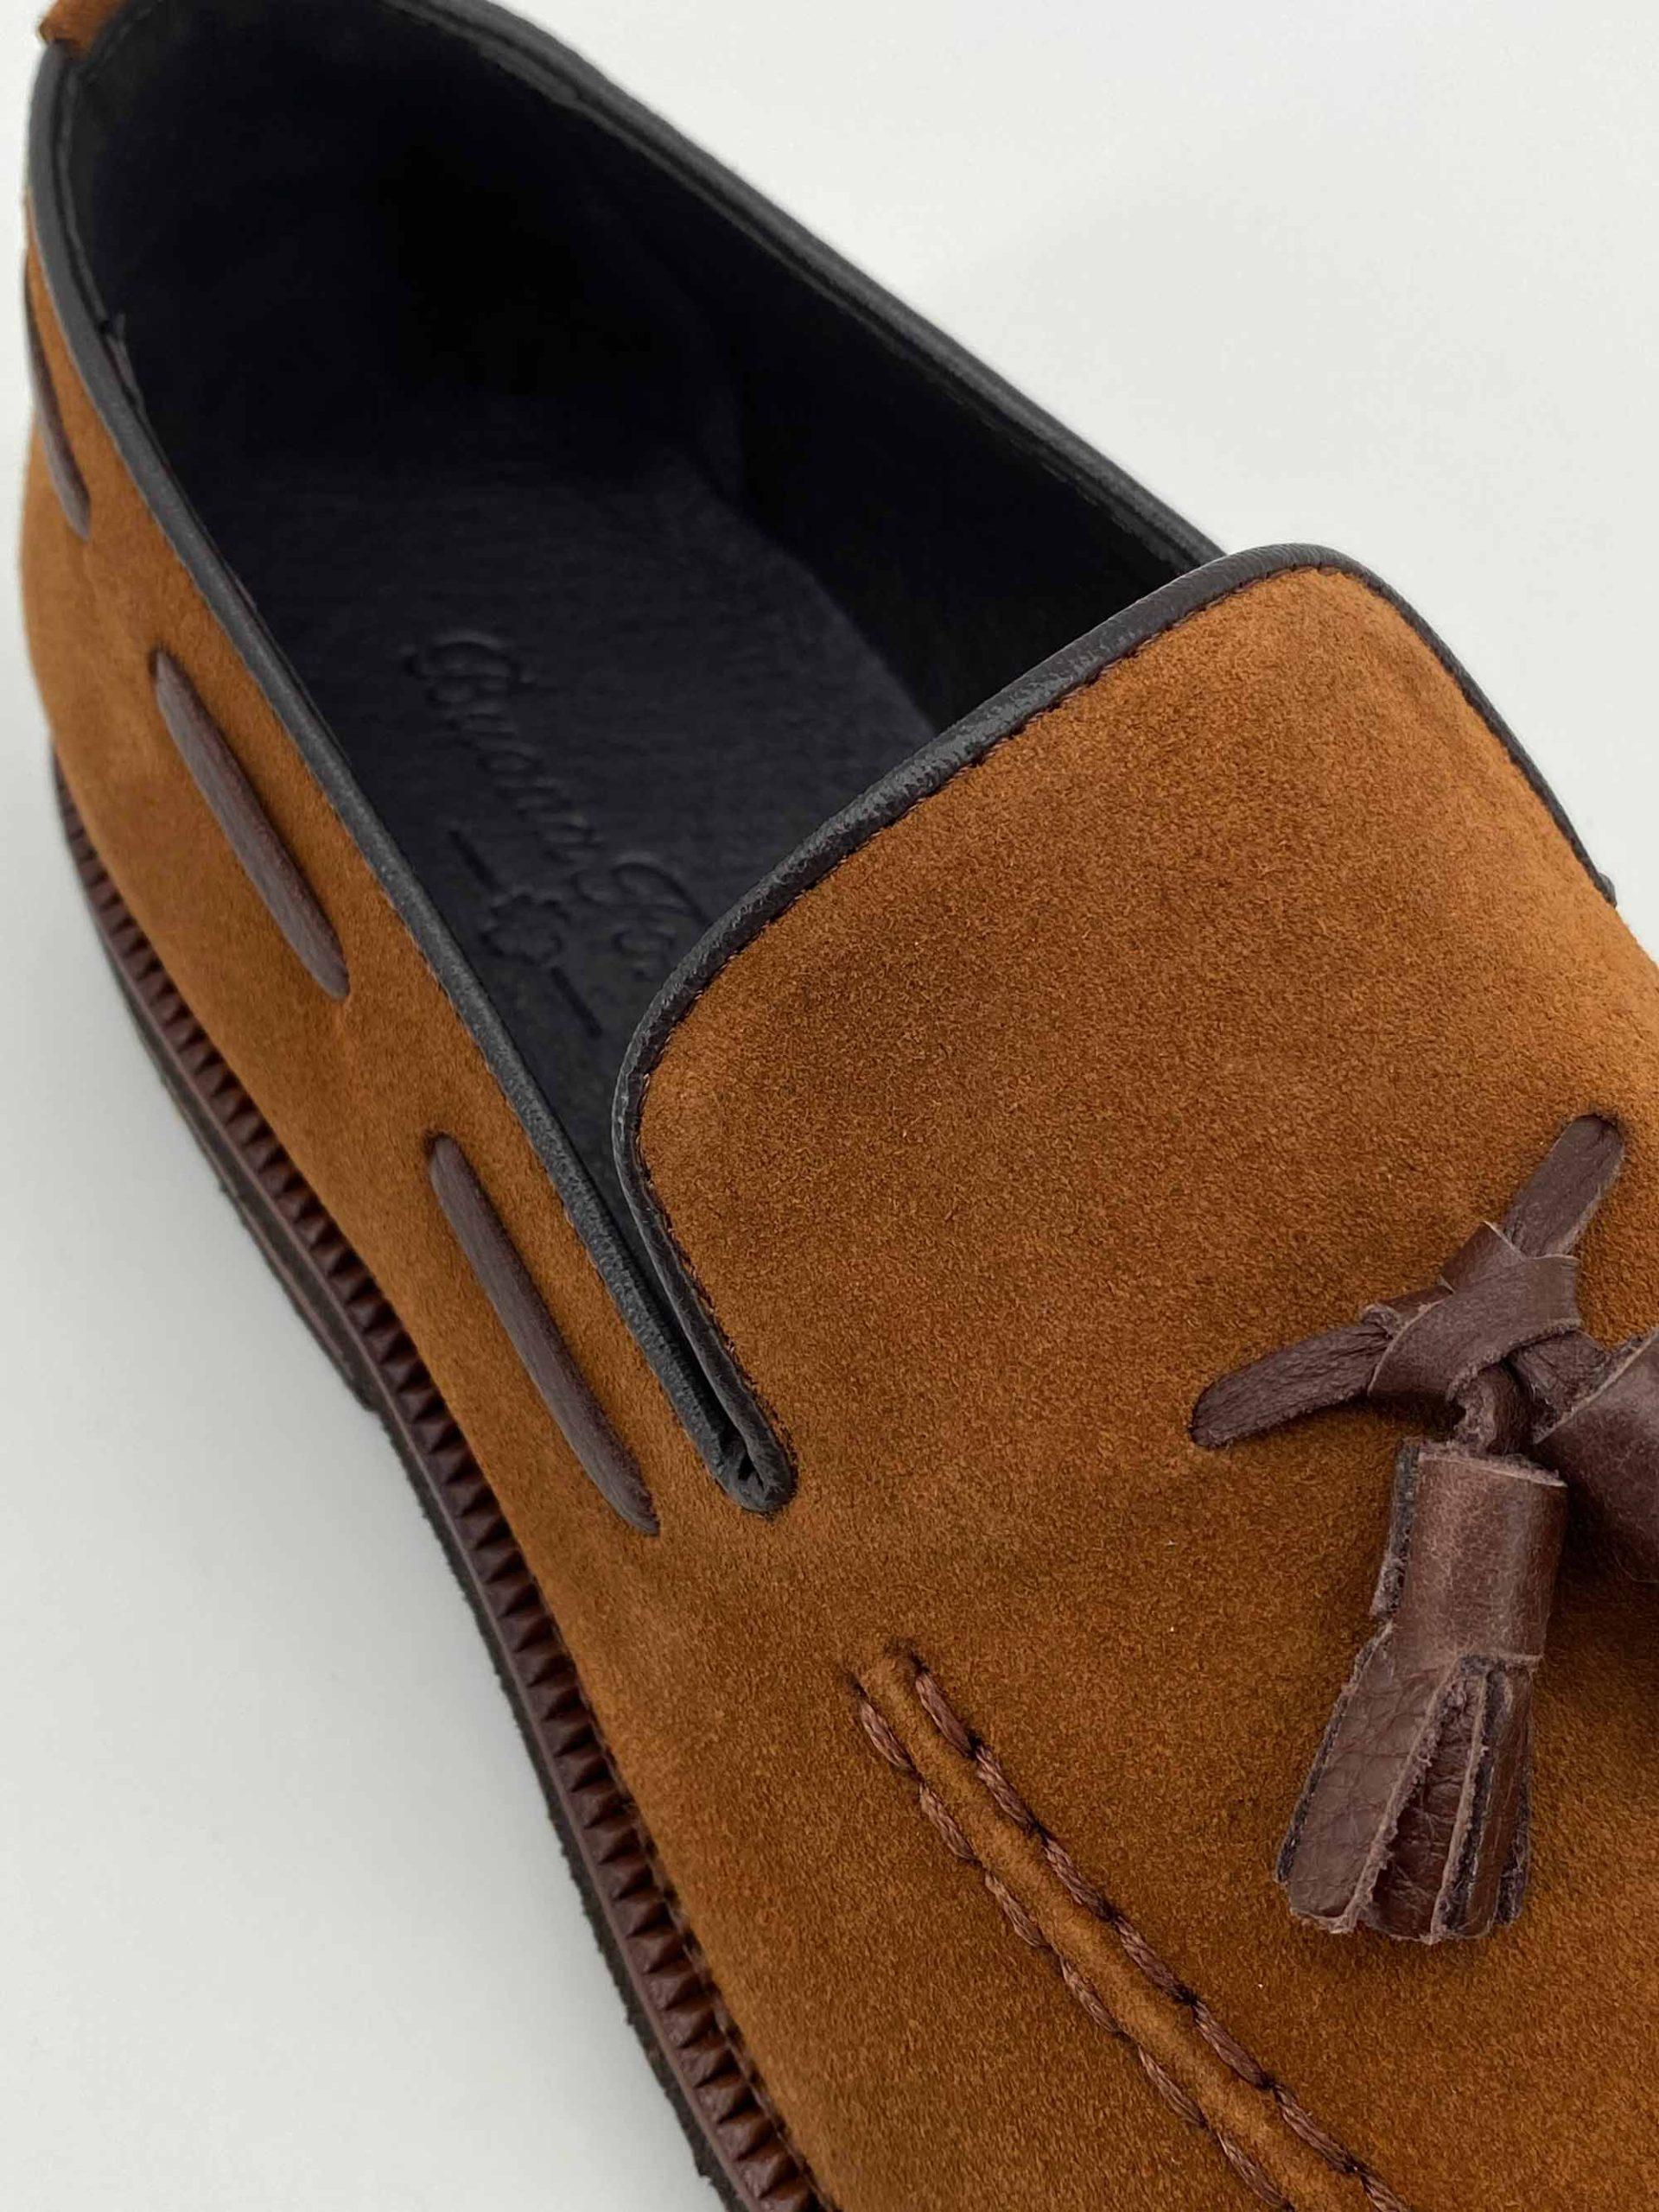 zapatos piel buona fortuna zapatos exclusivos comprar online moda italiana-shop marrones mocasin serraje borla